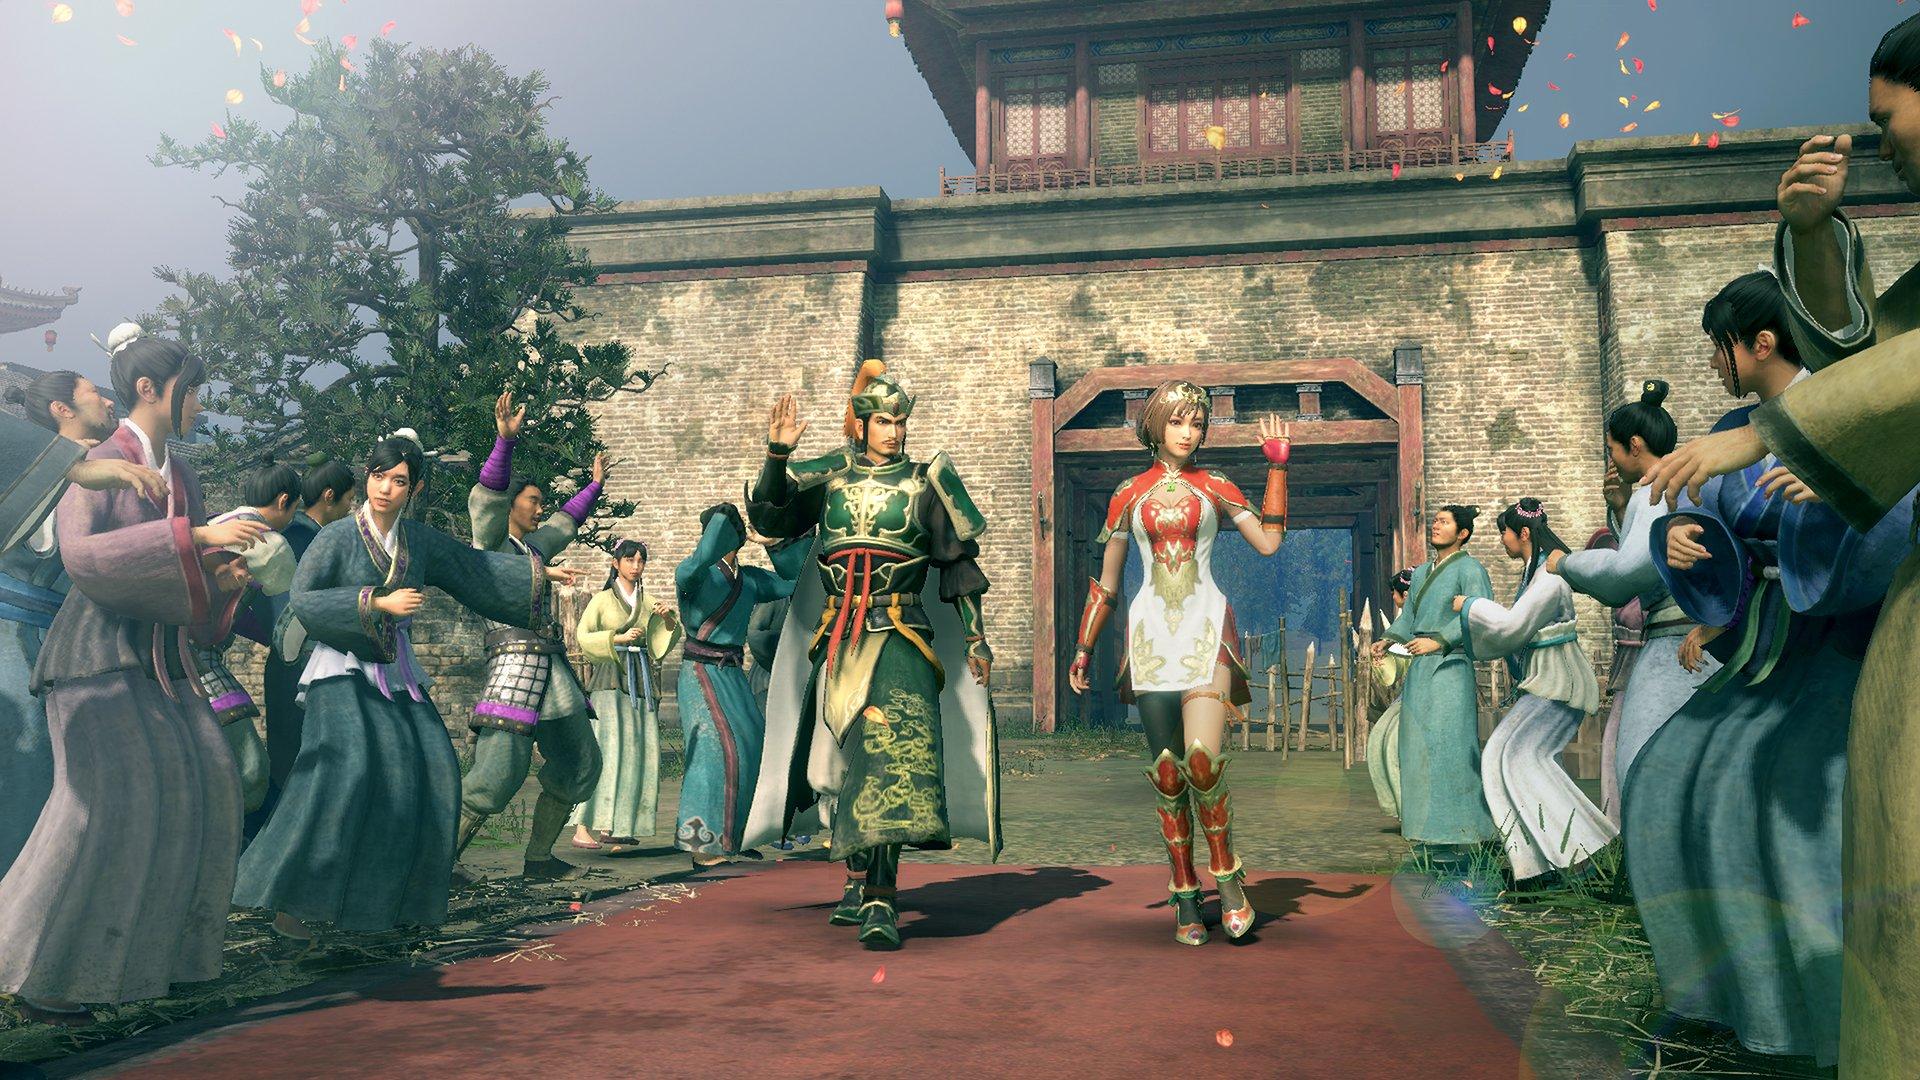 《真三国无双8帝国》新截图:刘备和孙尚香同屏!